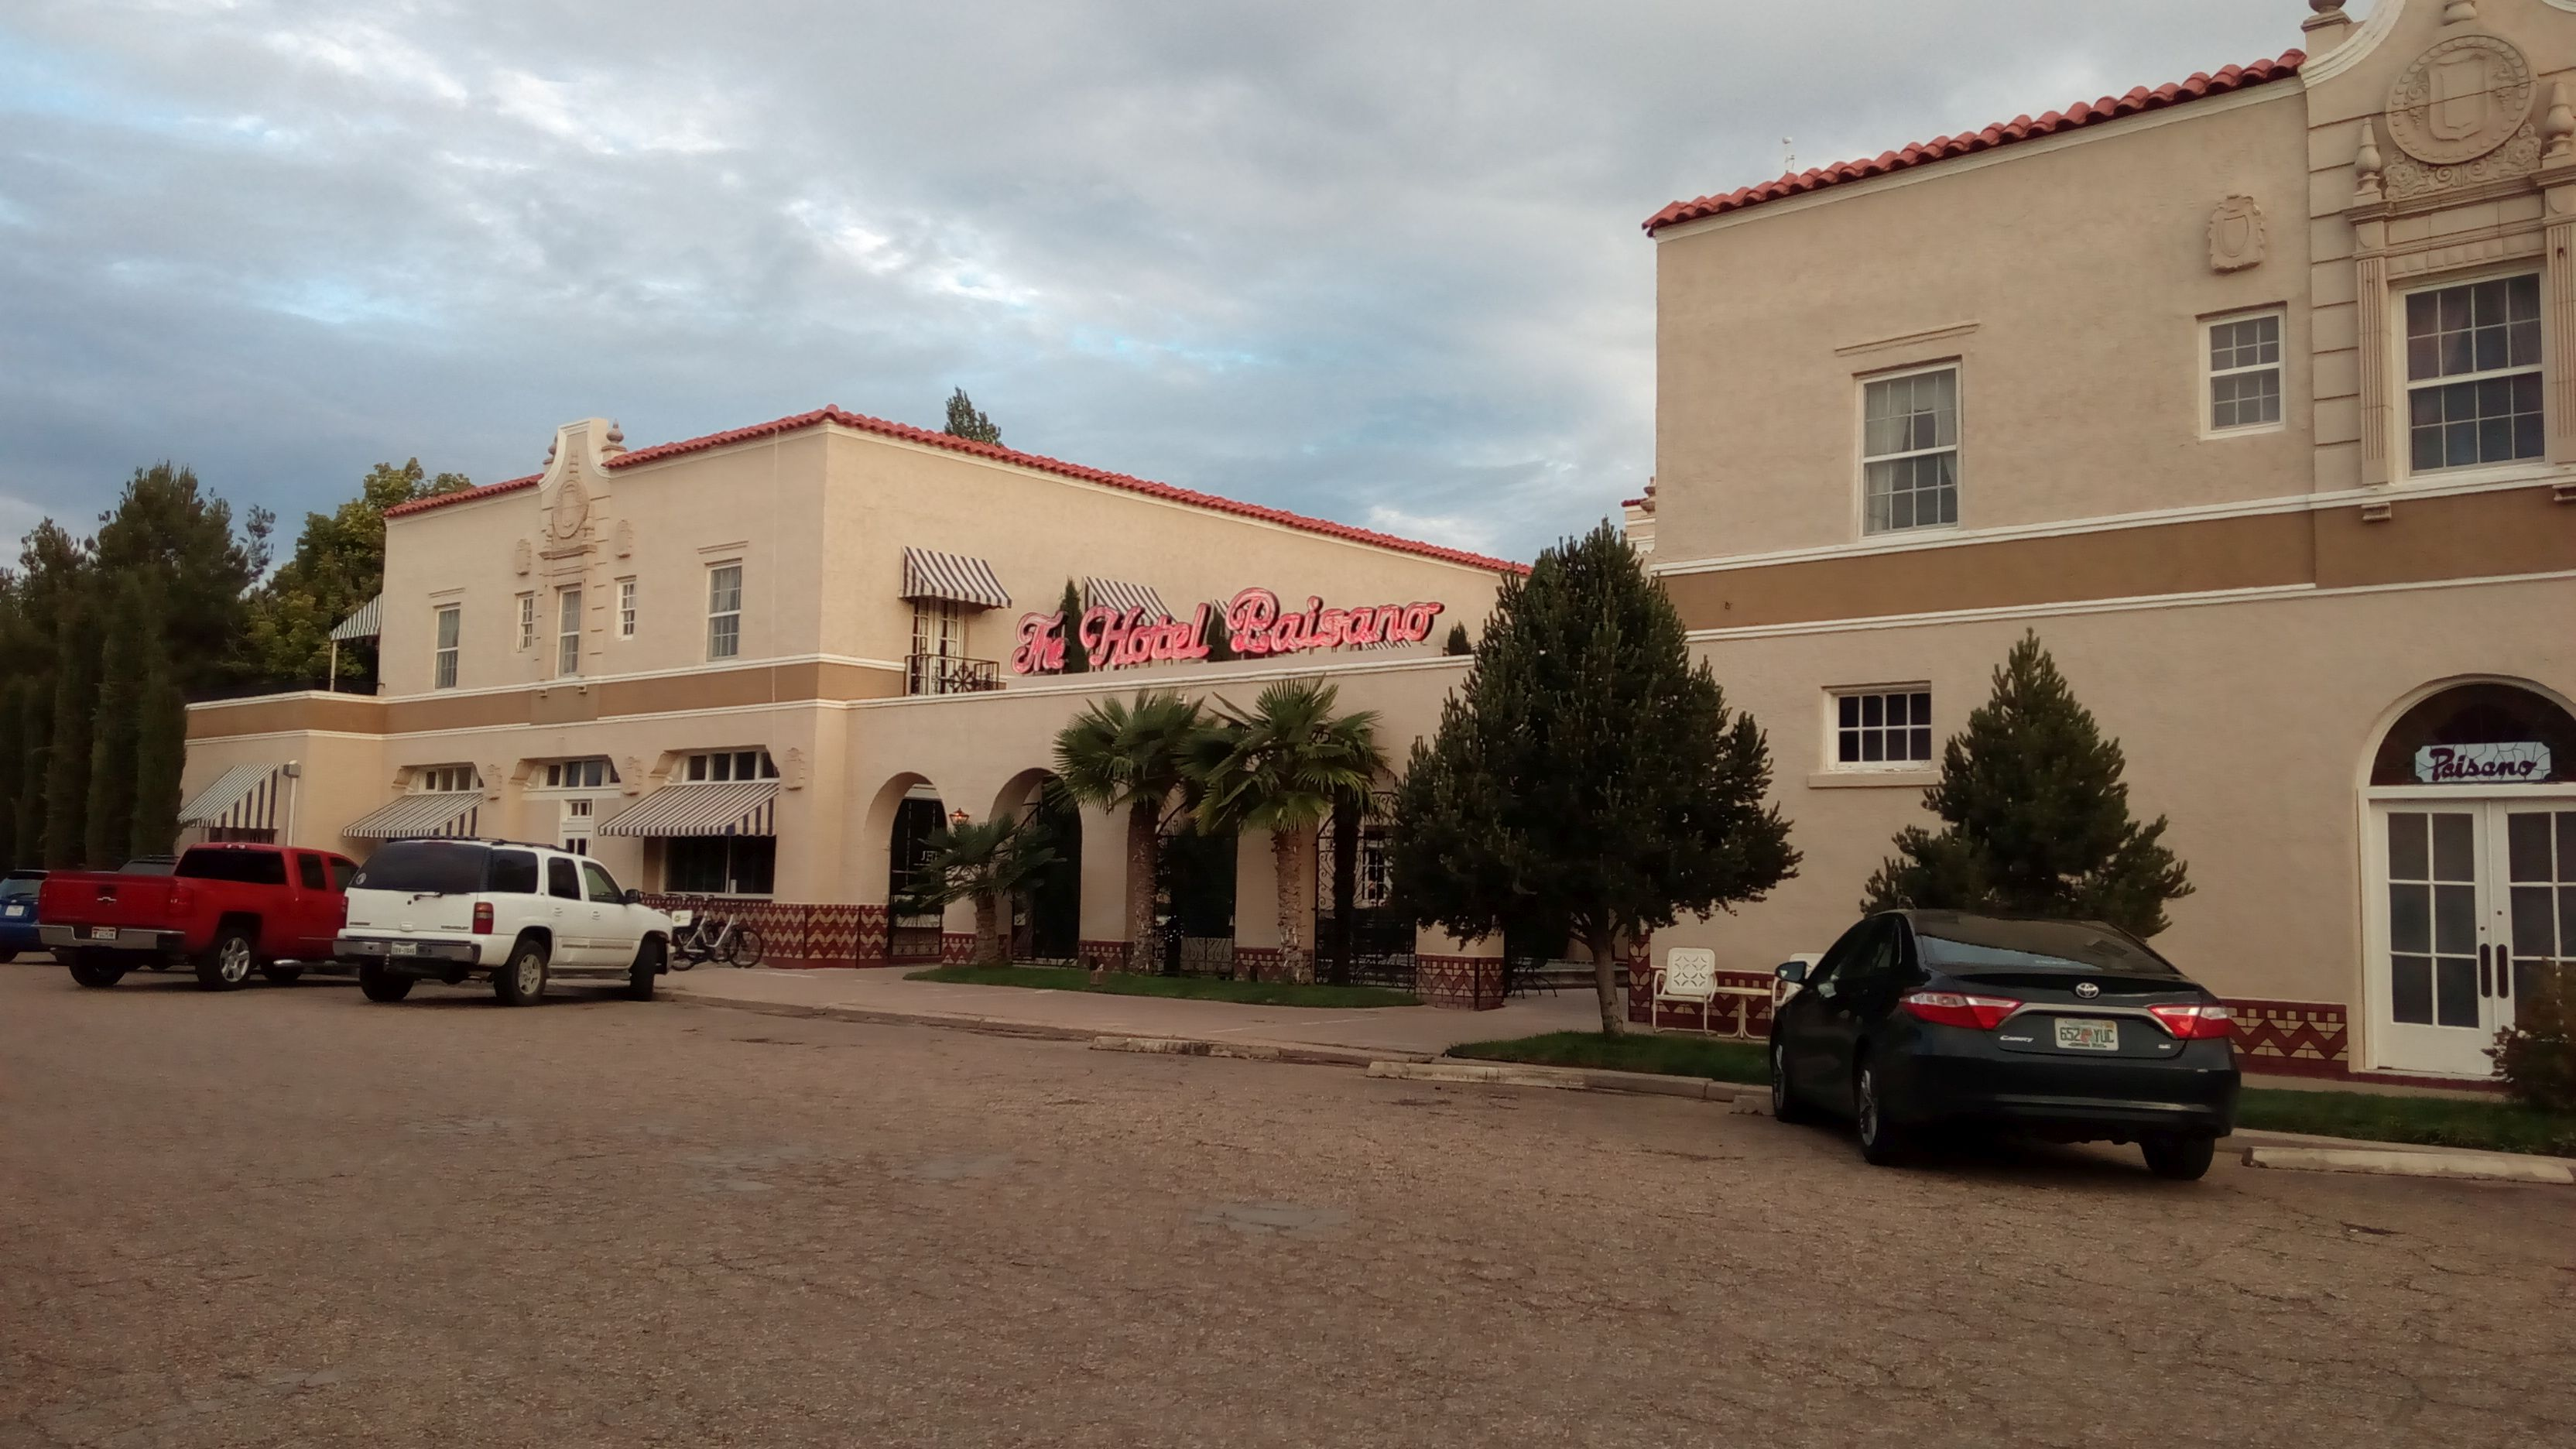 Hotel Paissano, Marfa